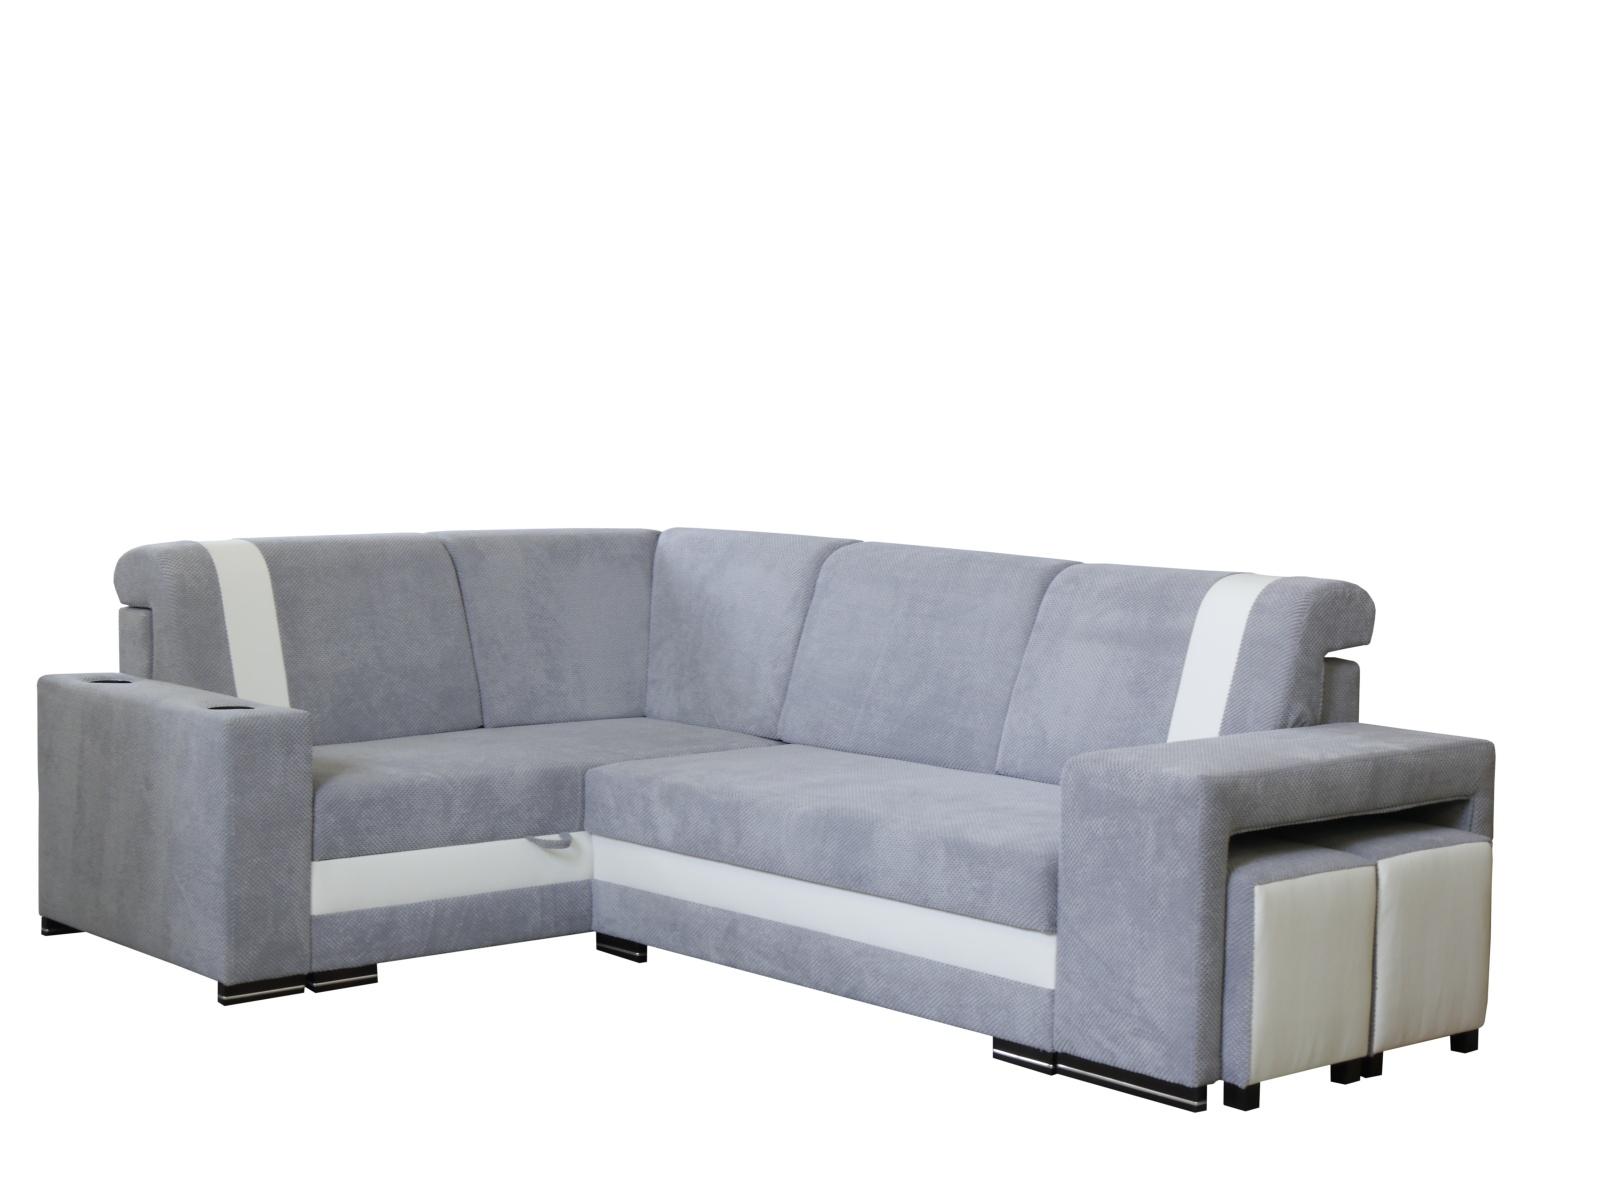 Smartshop Rohová sedačka INES NEW 3, levá, šedá/bílá